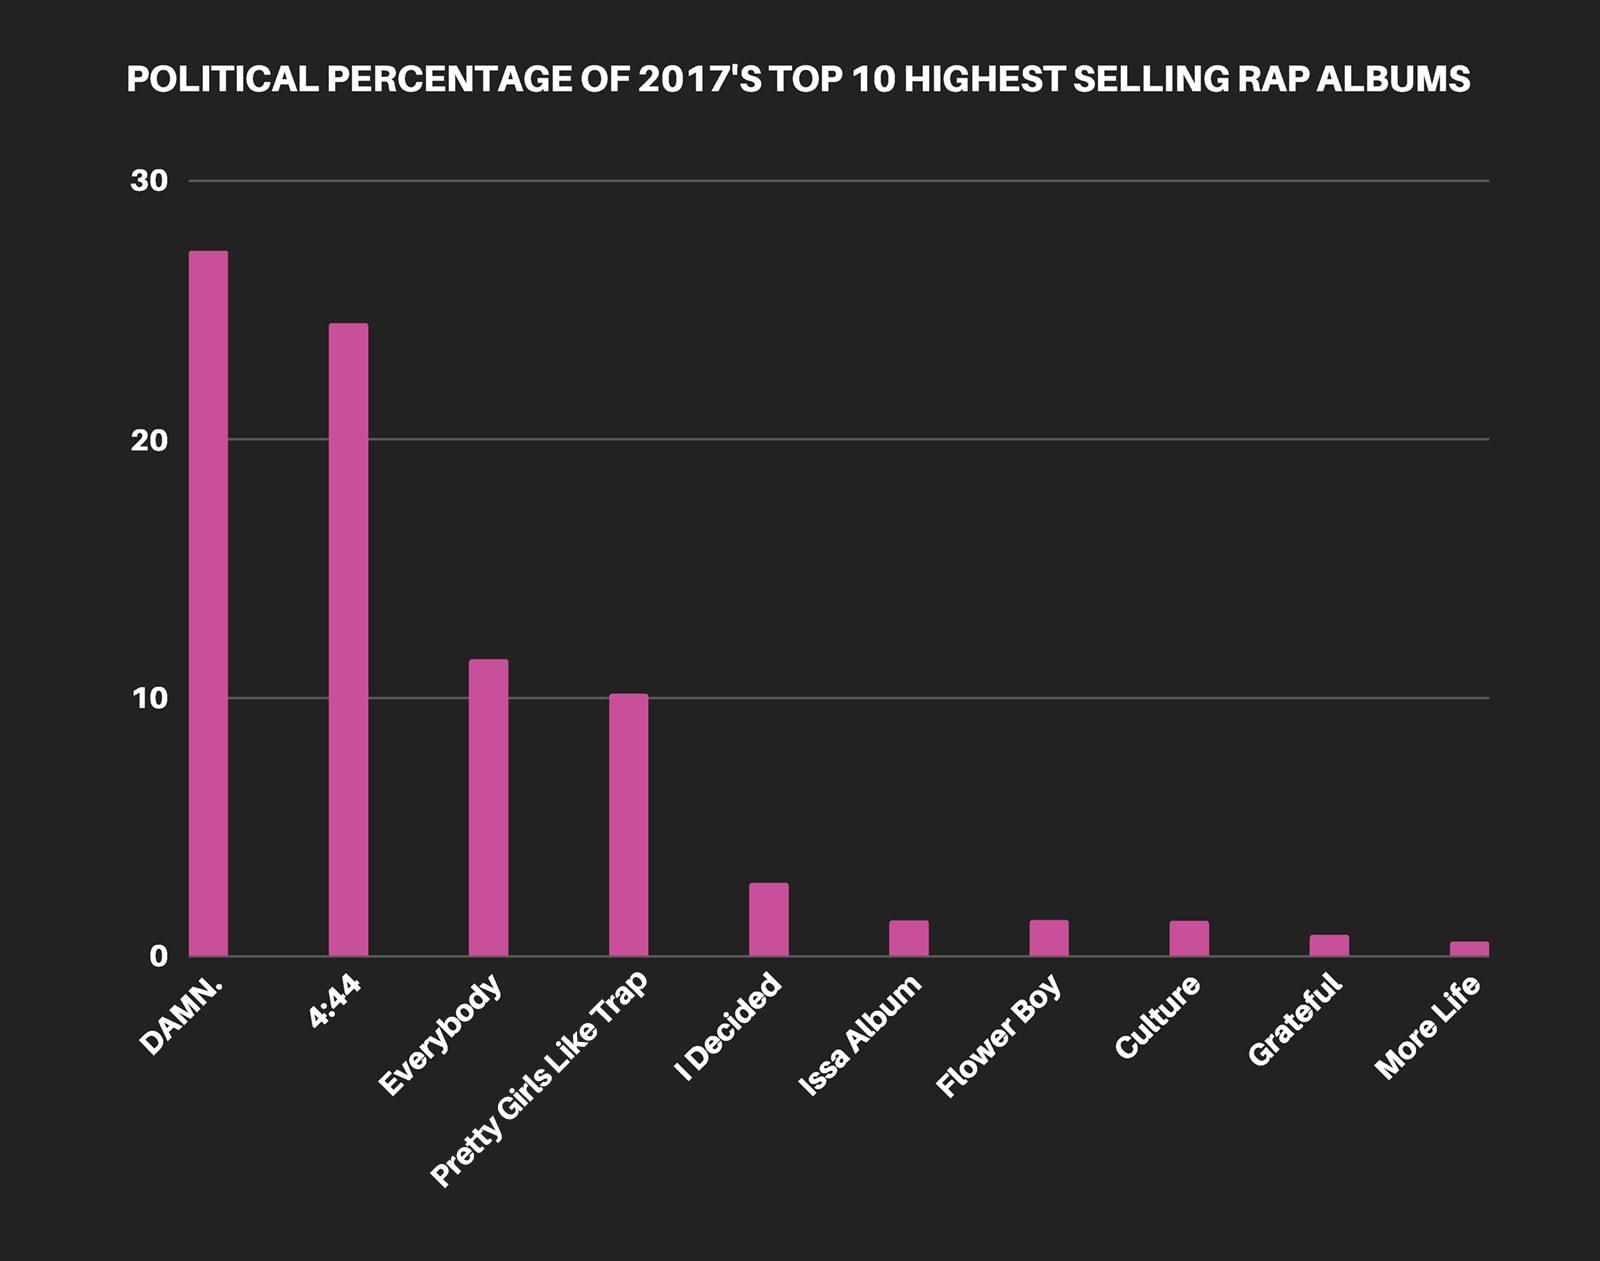 rap-chart-political-albums-2017